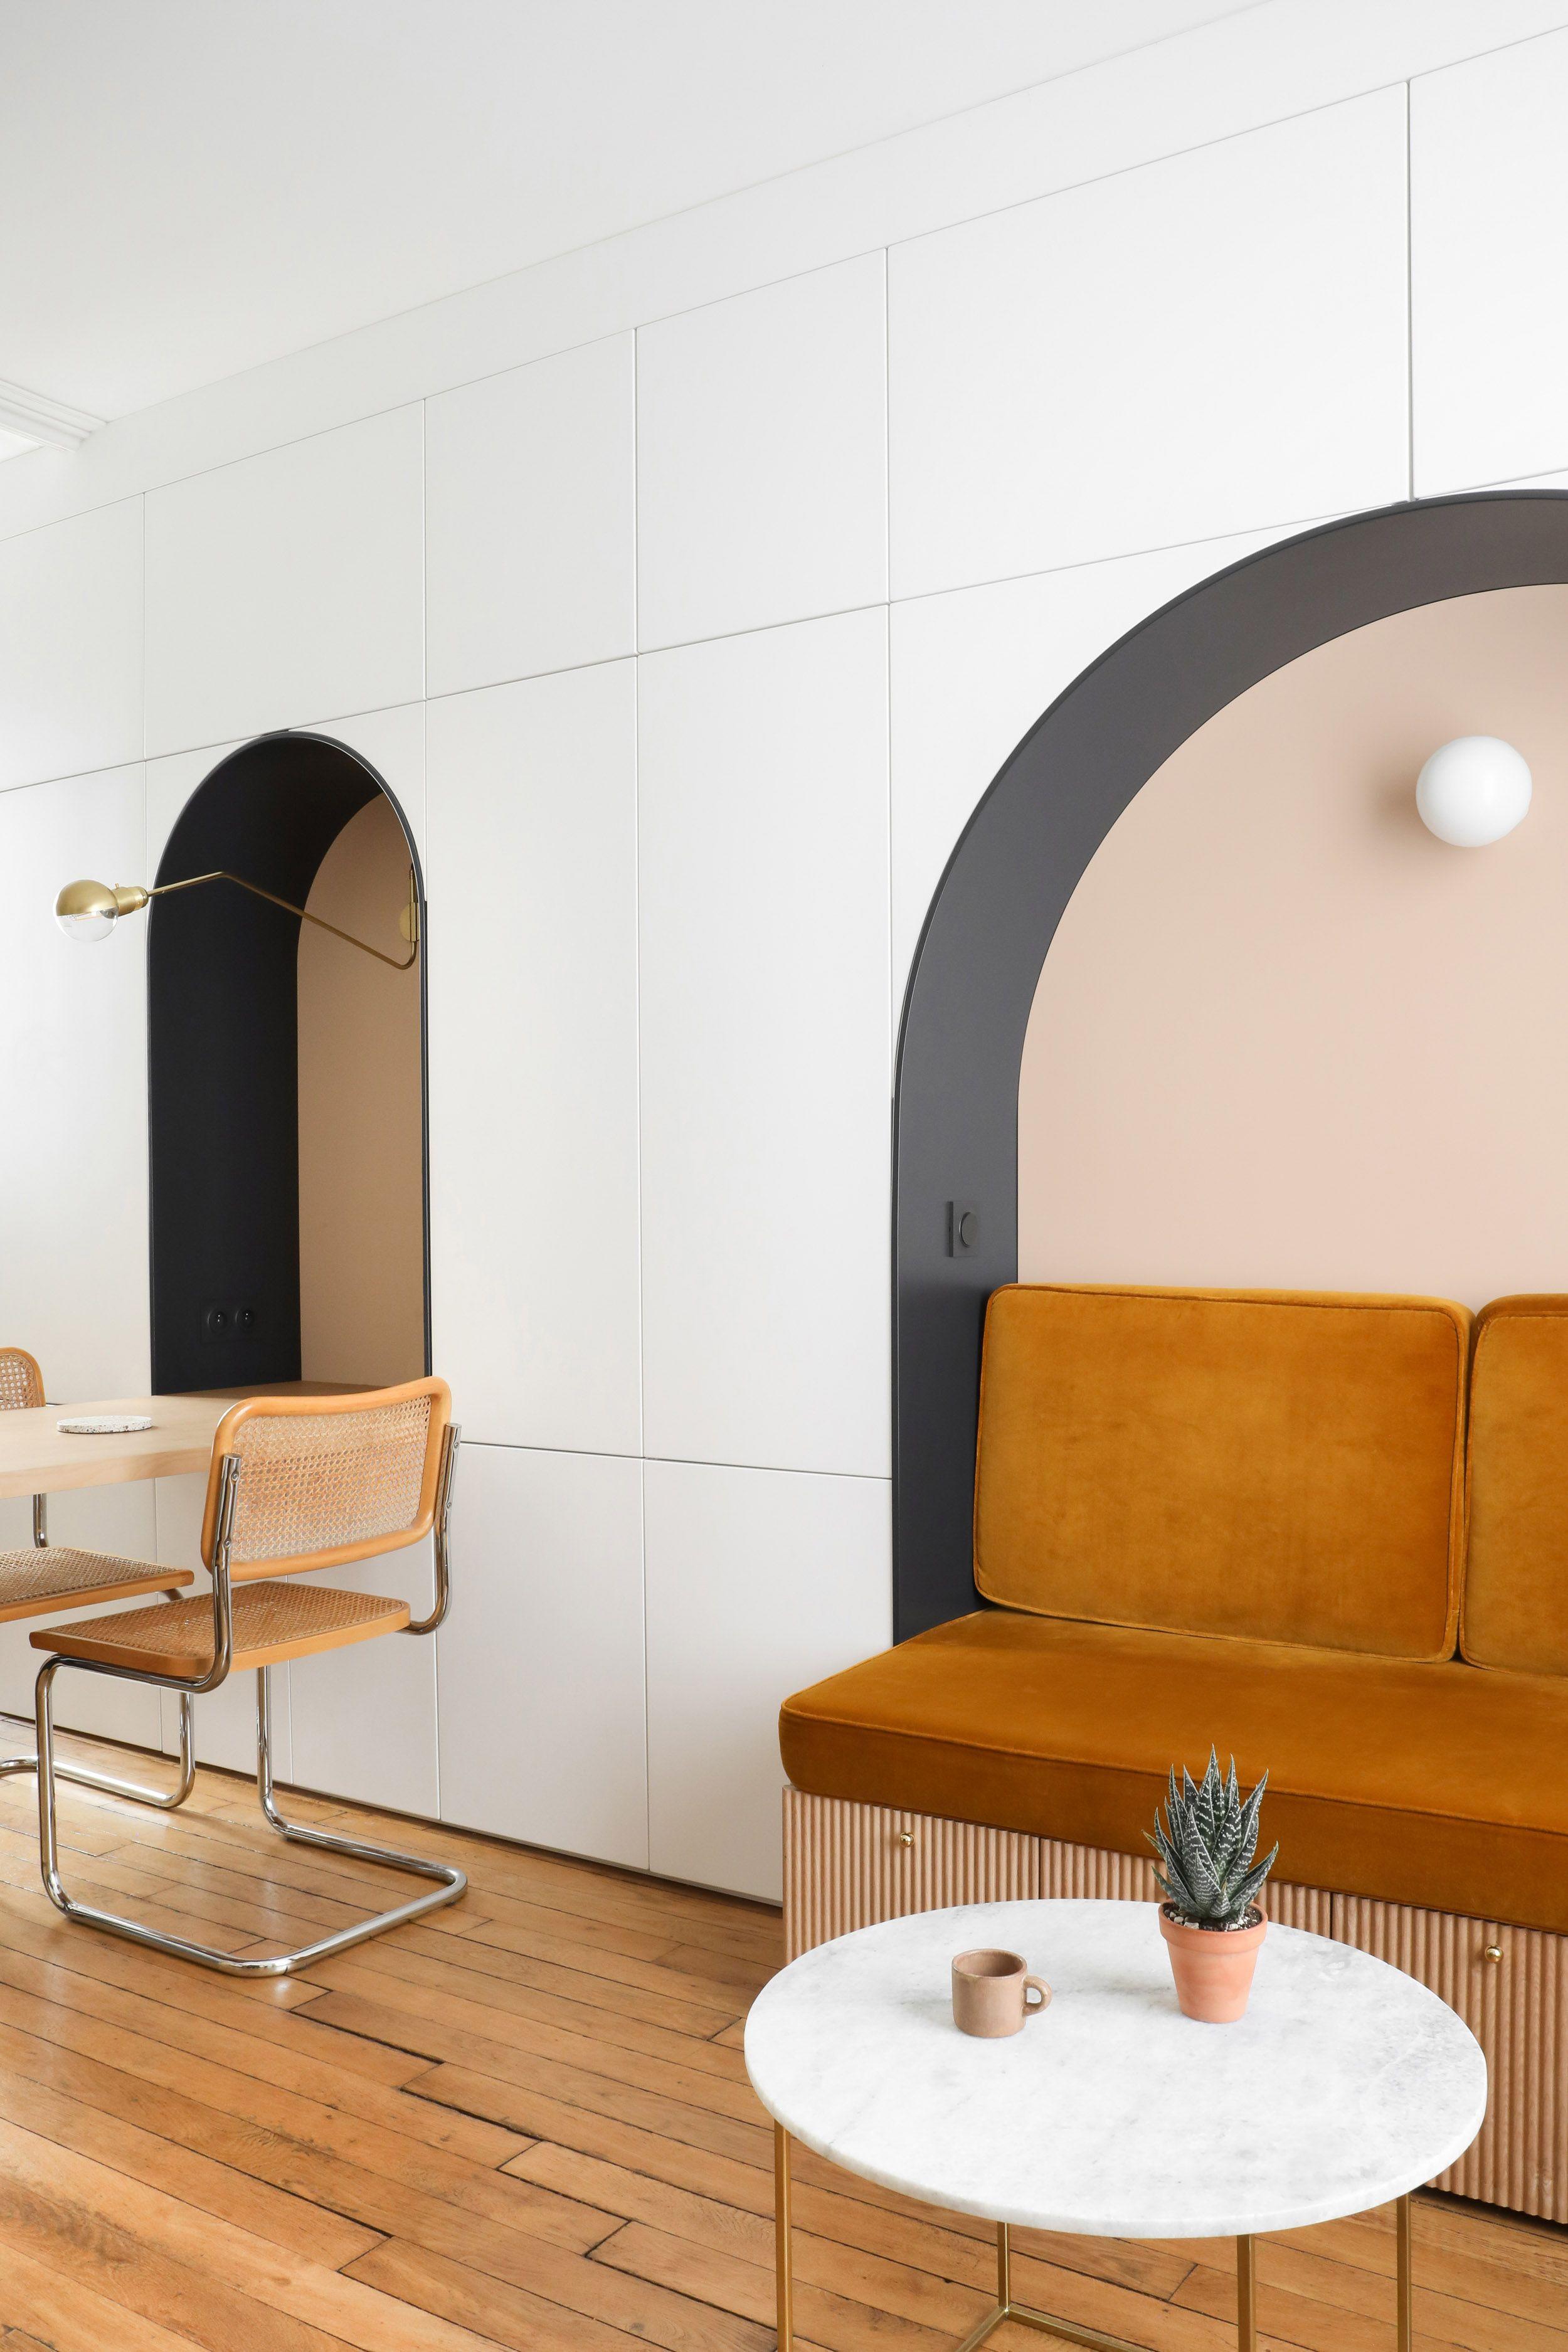 Architecte Interieur Paris 18 Épinglé par anastasiia kretsu sur 0 mondrian en 2020 | idées